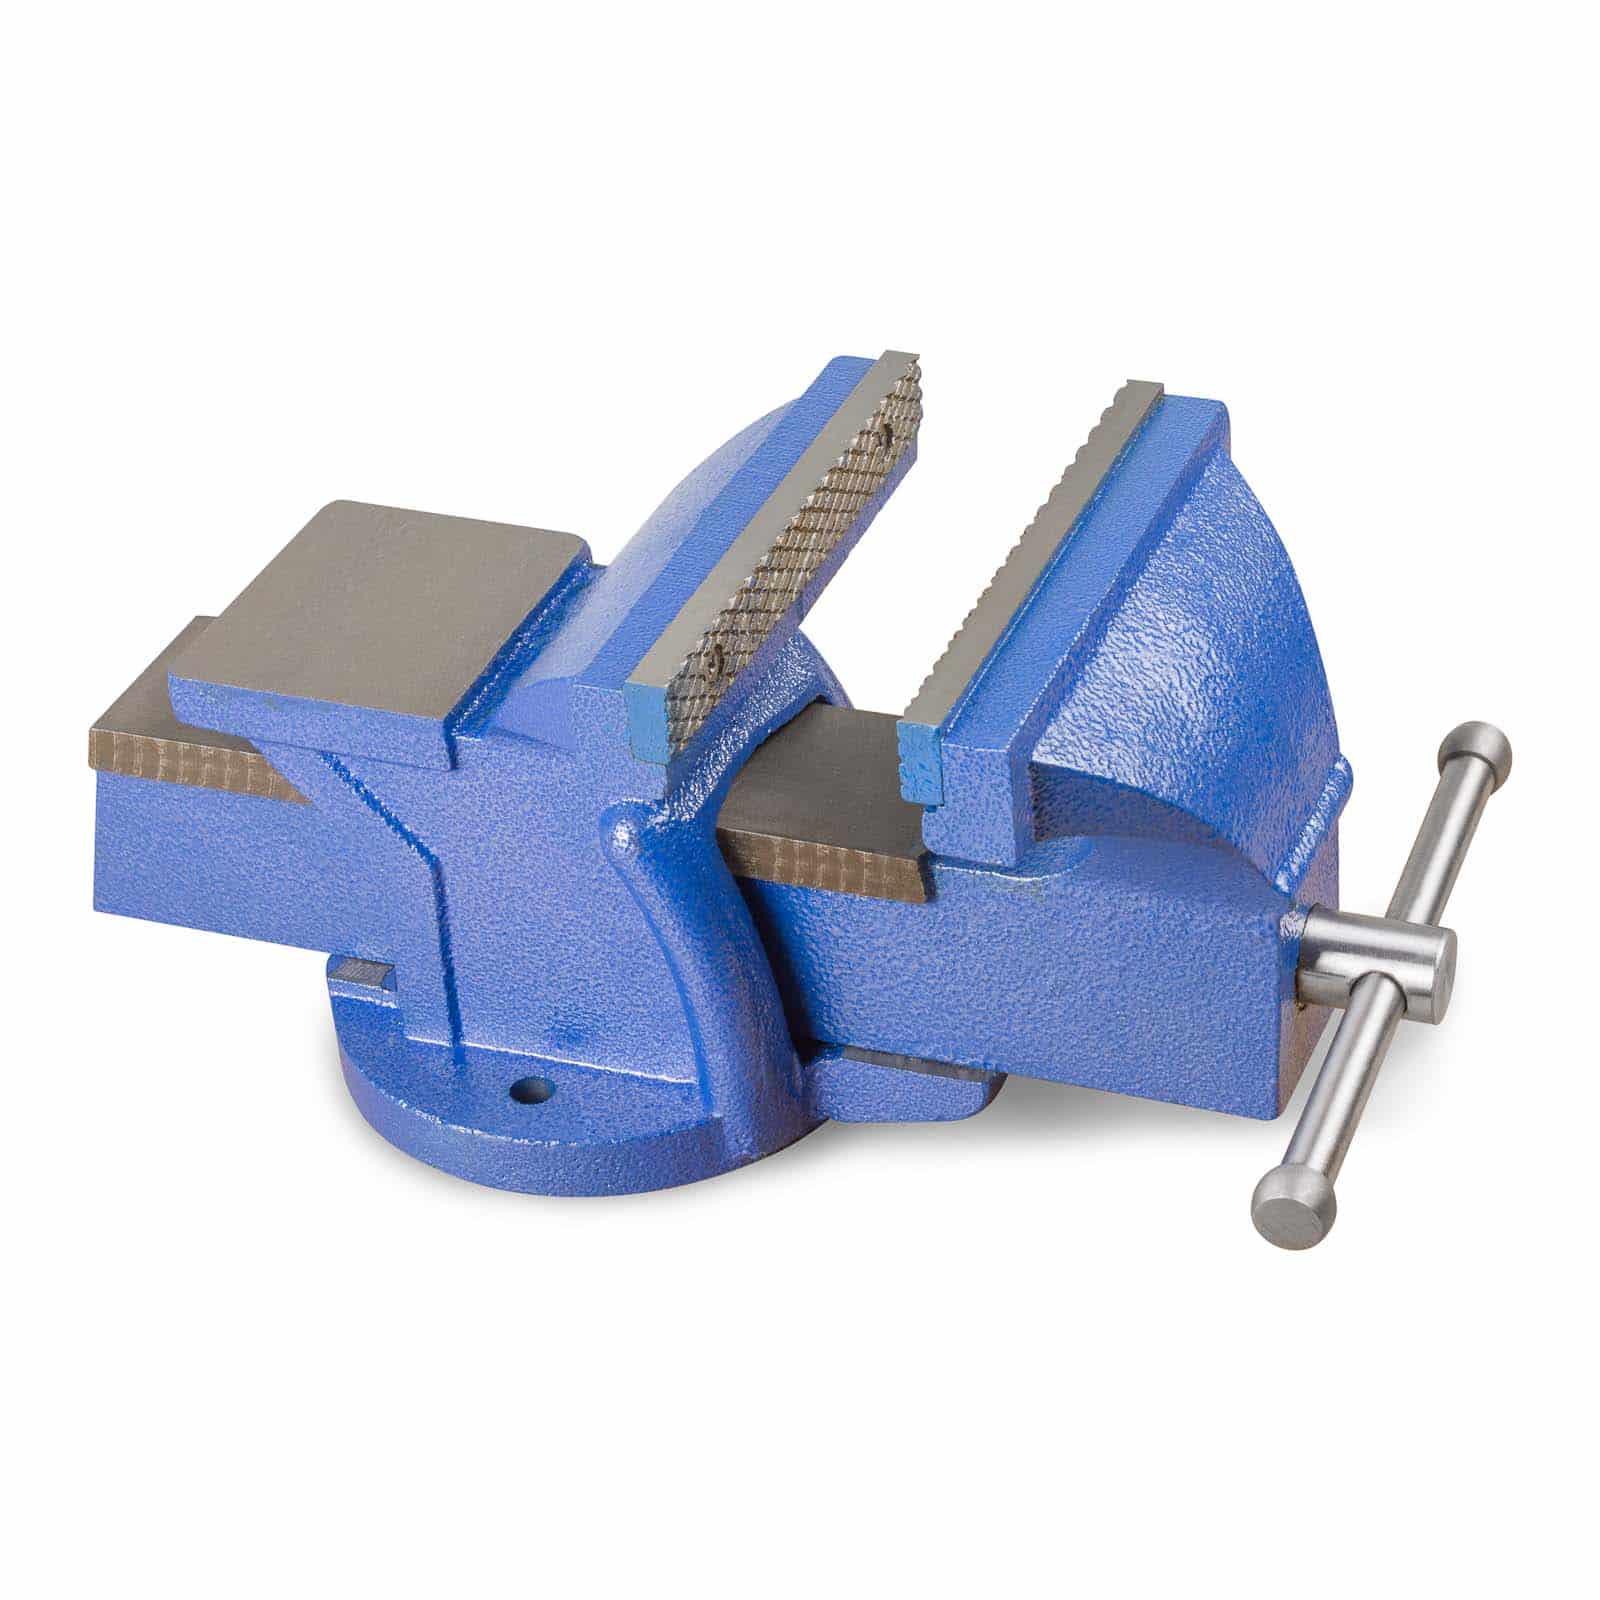 Hanse Werkzeuge Gietijzeren Bankschroef 150 mm - Blauw